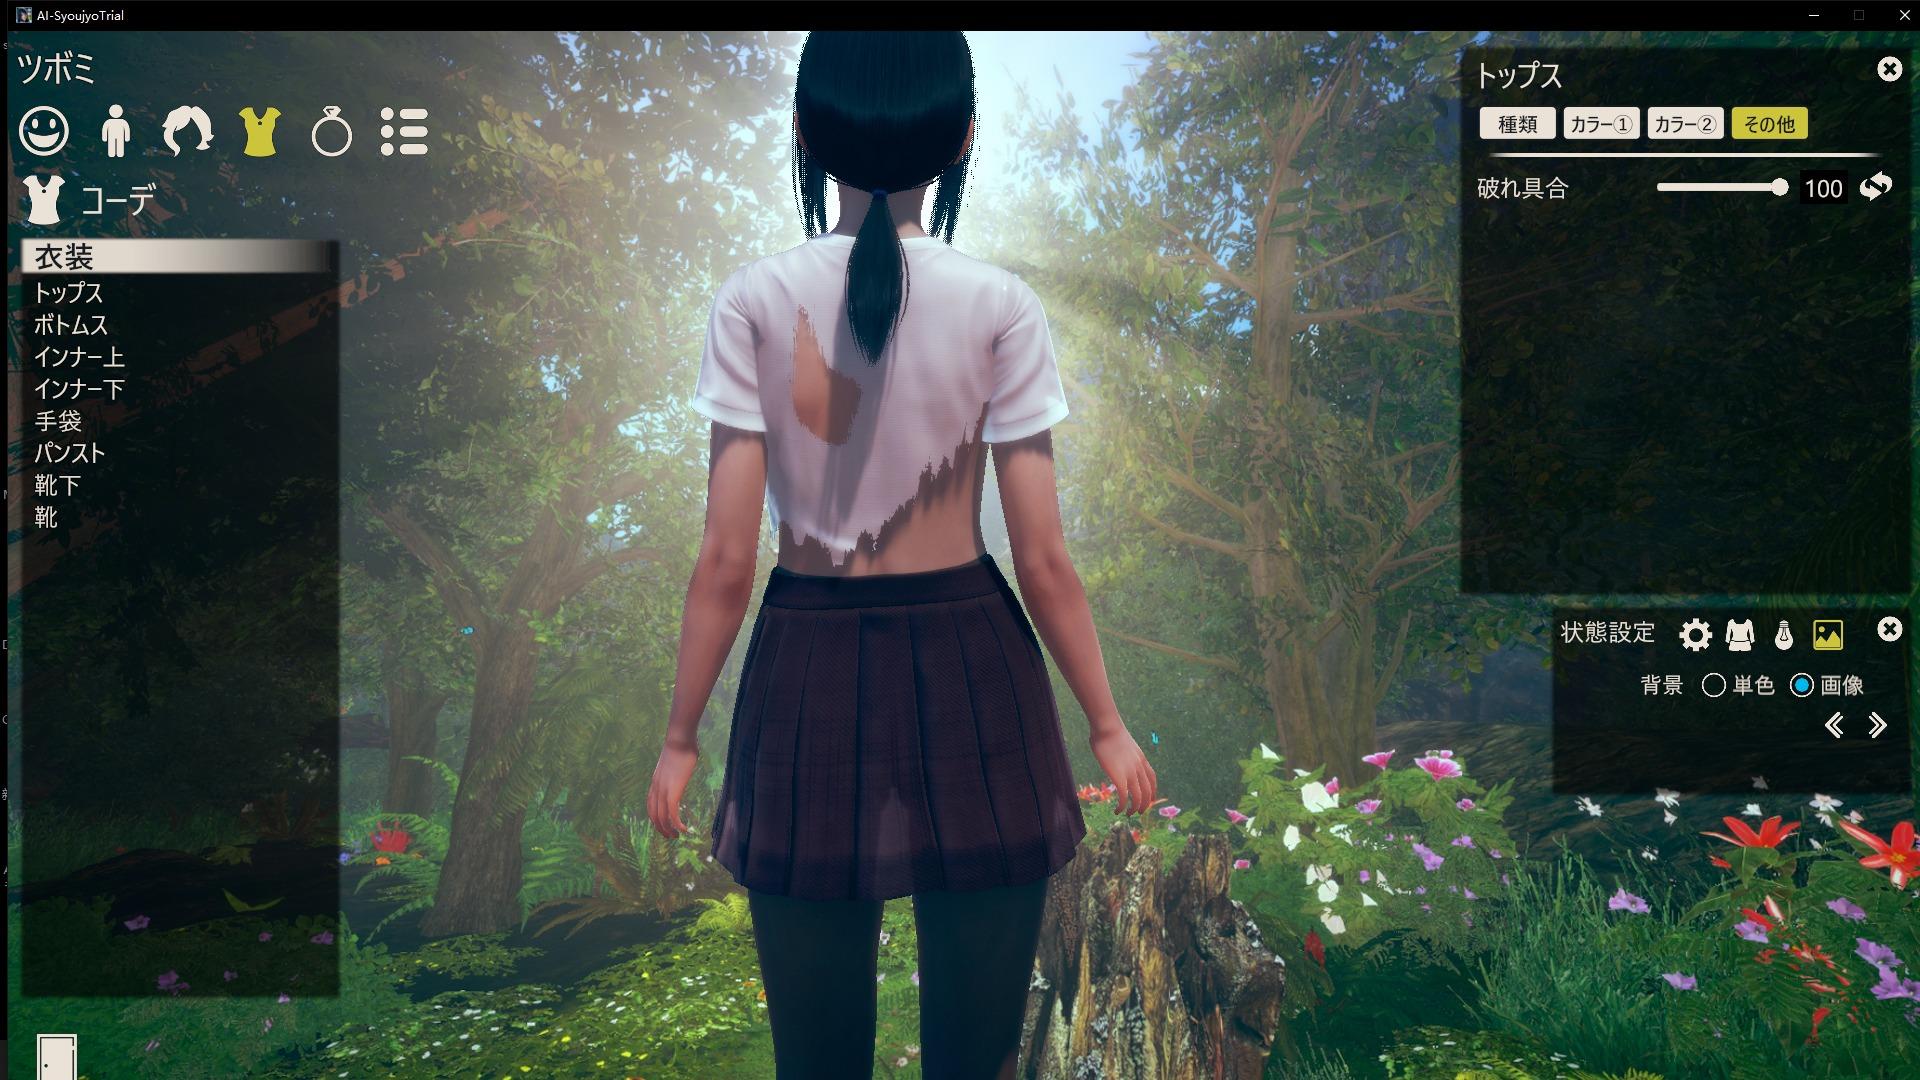 《AI少女》游戏壁纸-2-1